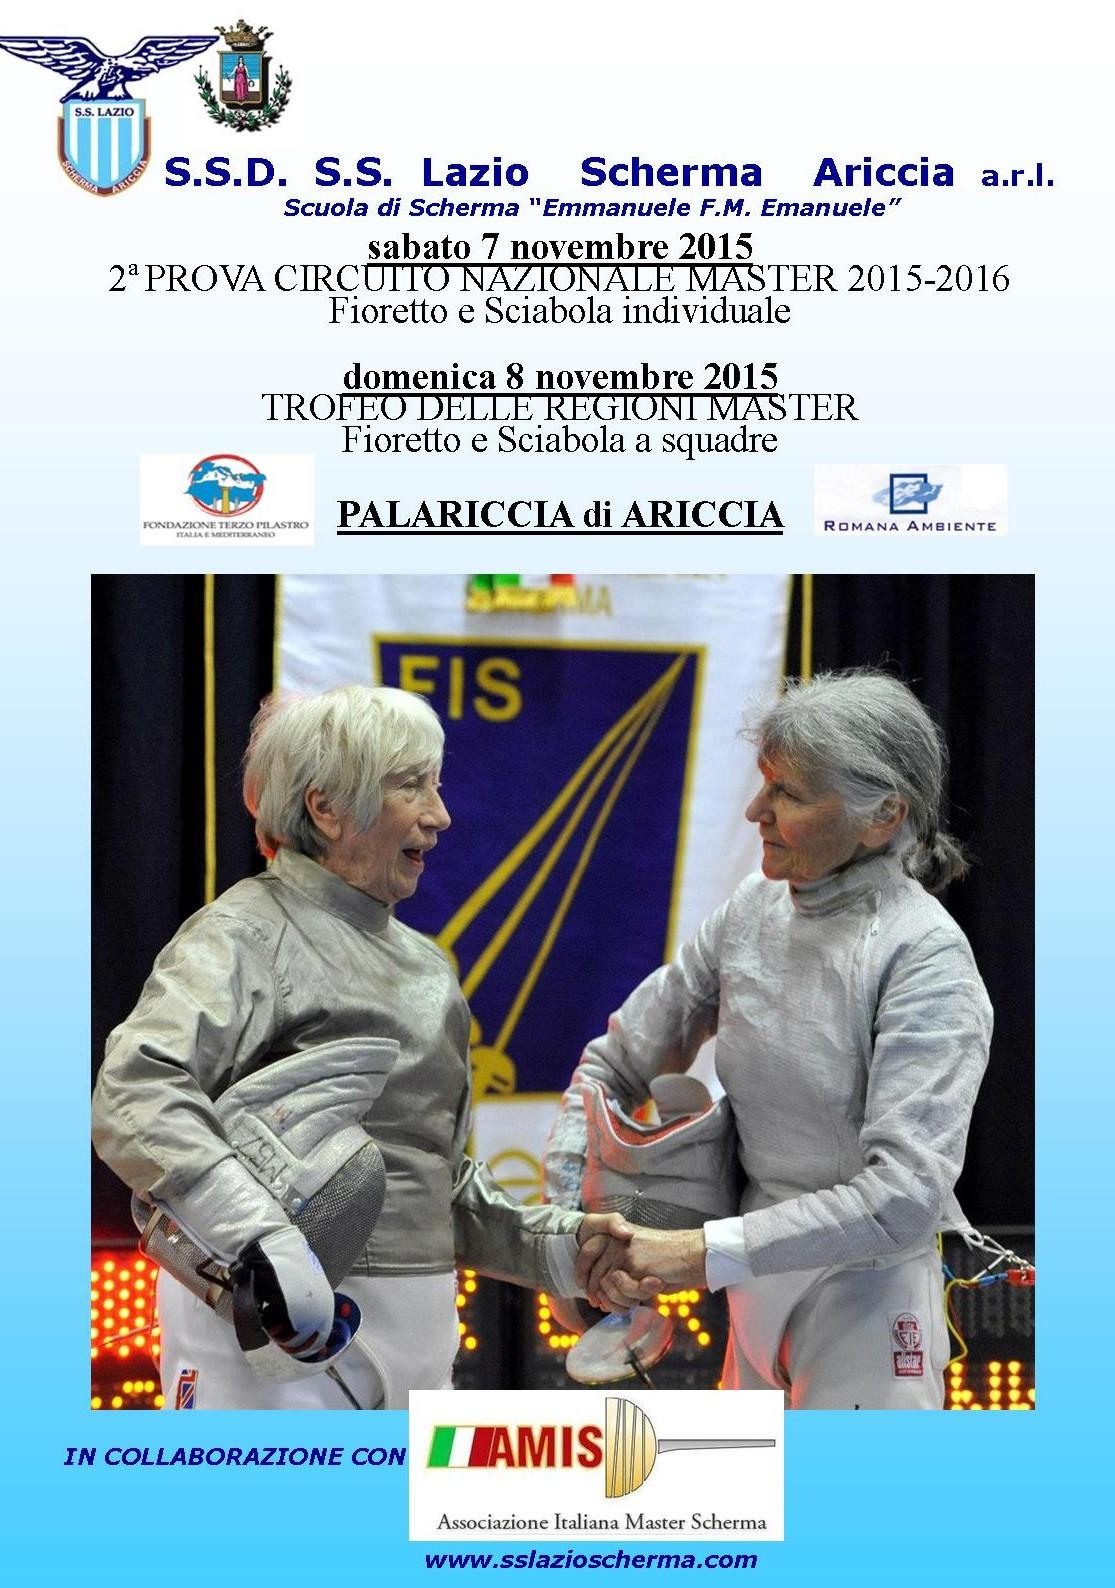 INFORMAZIONI GARA MASTER – FIORETTO E SCIABOLA – 7/8 novembre 2015